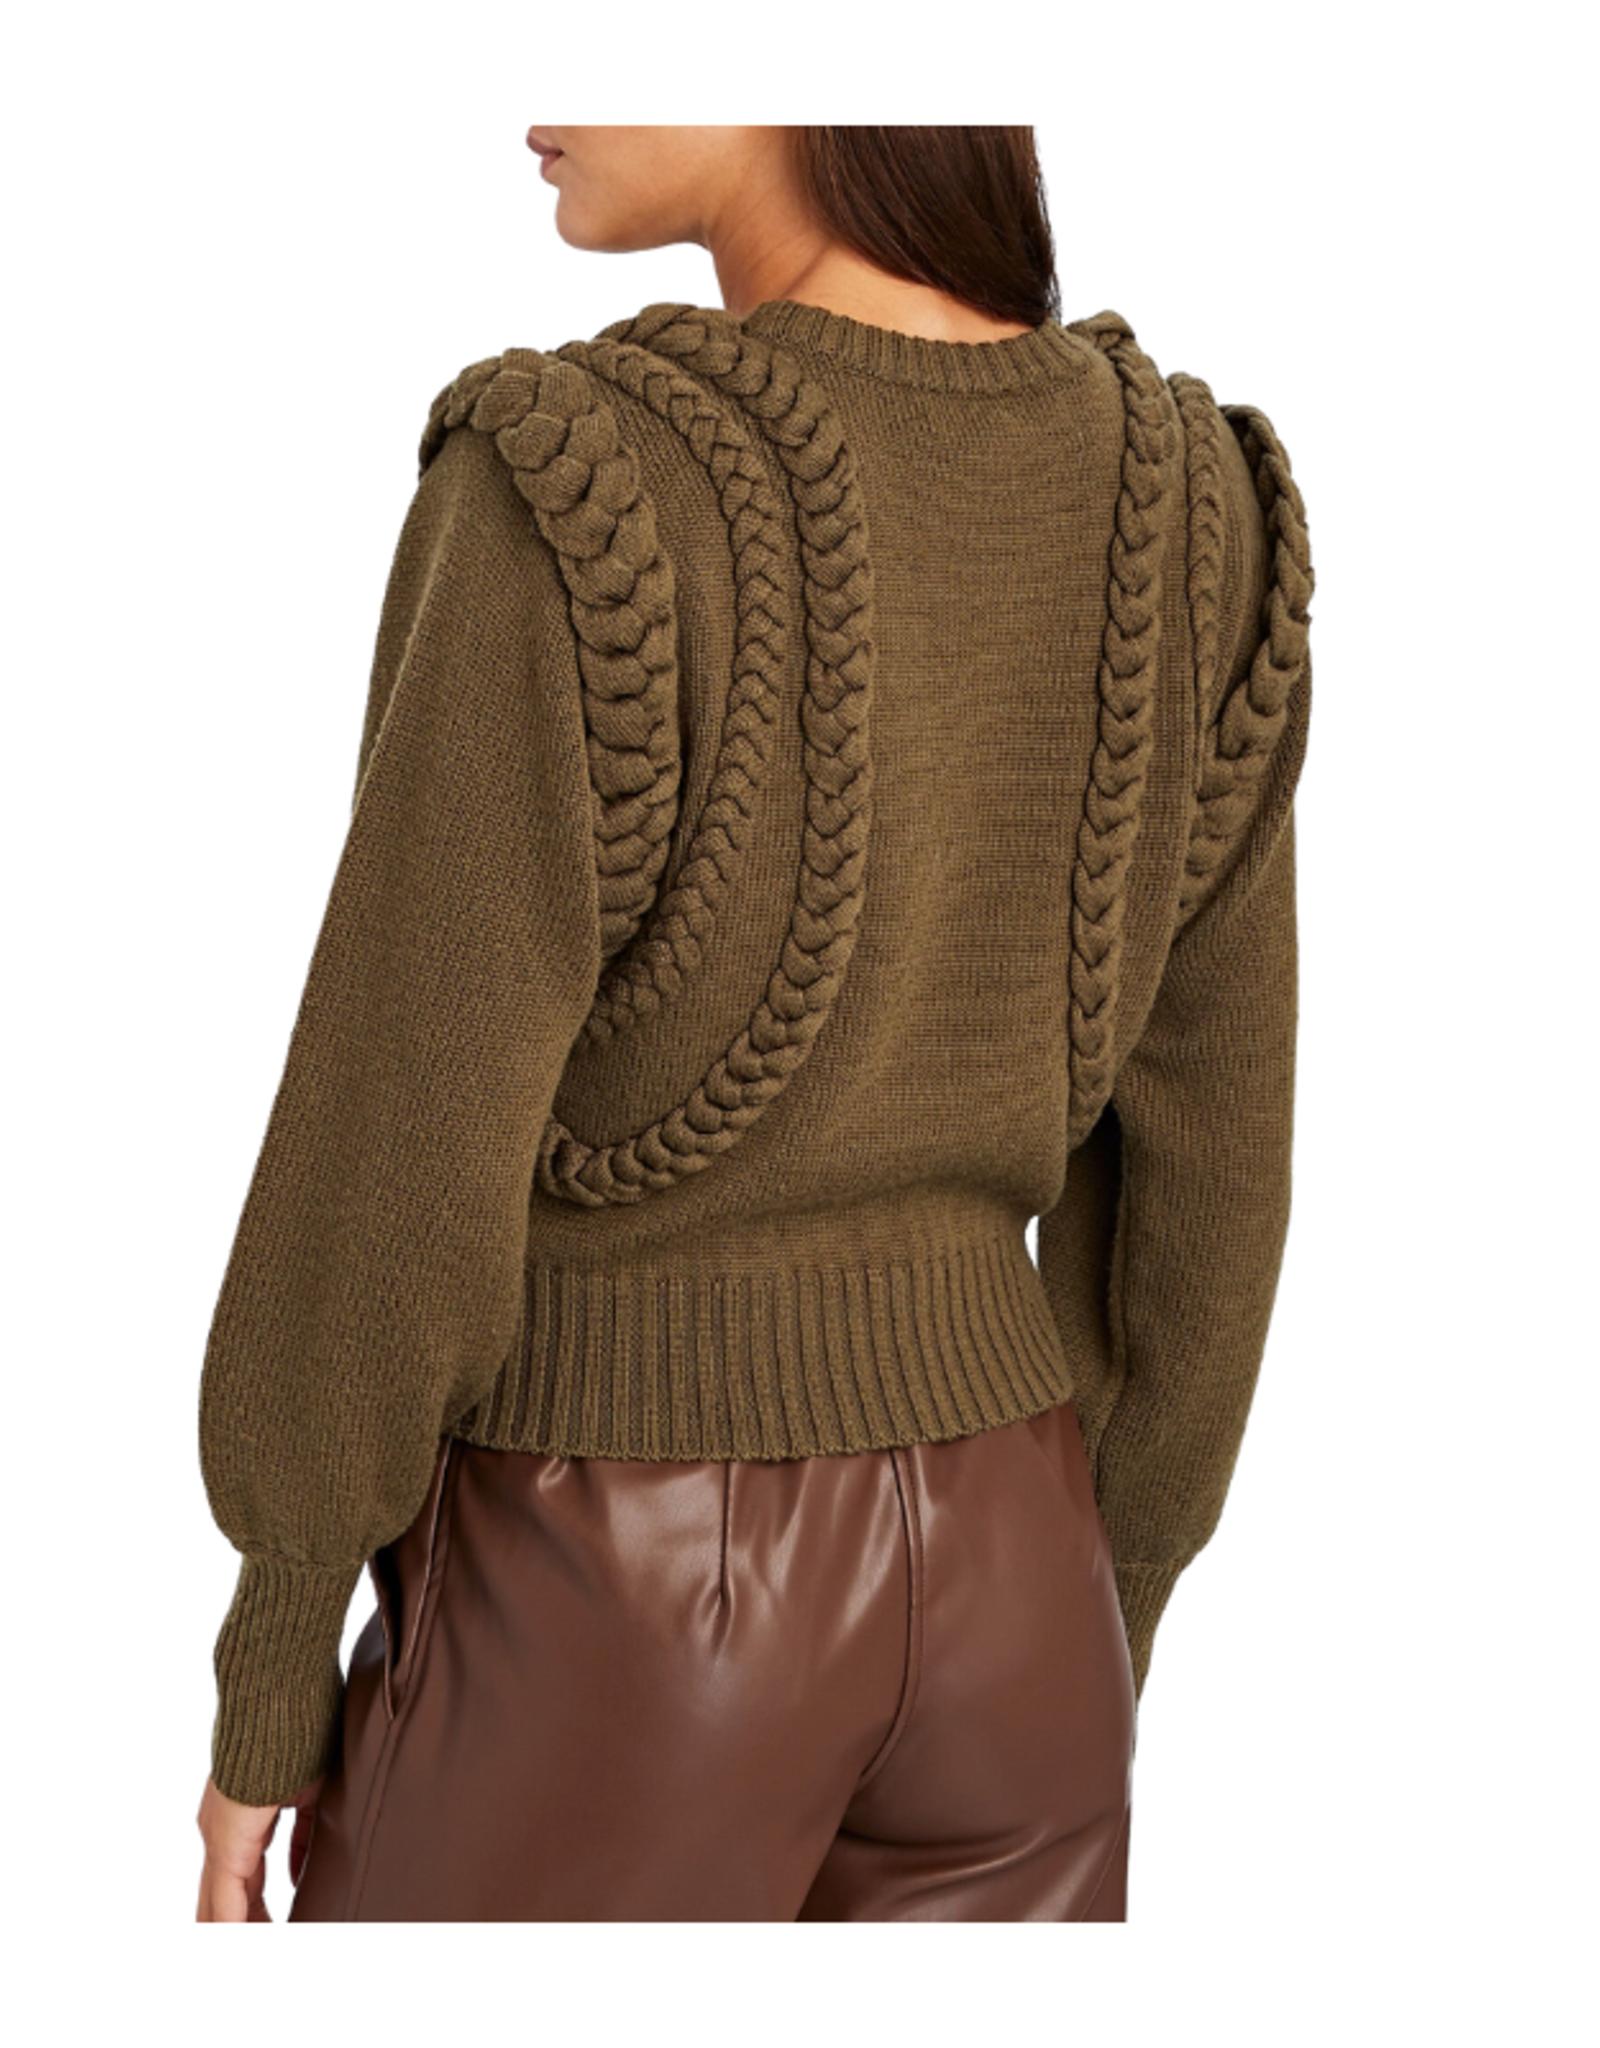 Ronny Kobo Yeva Sweater